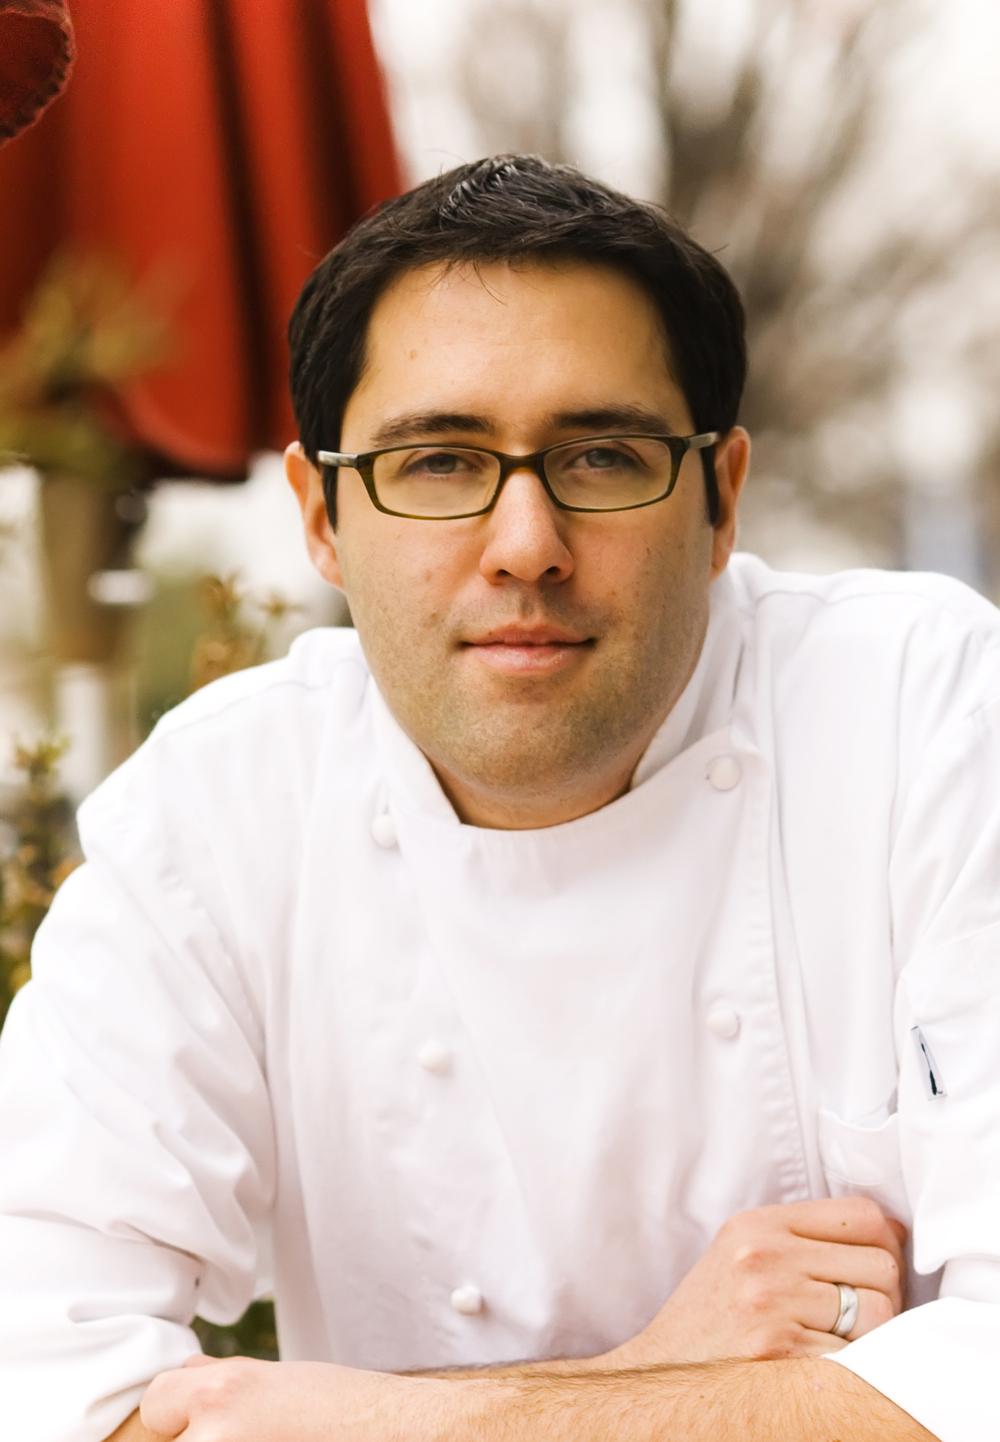 Chef Jake Crenshaw